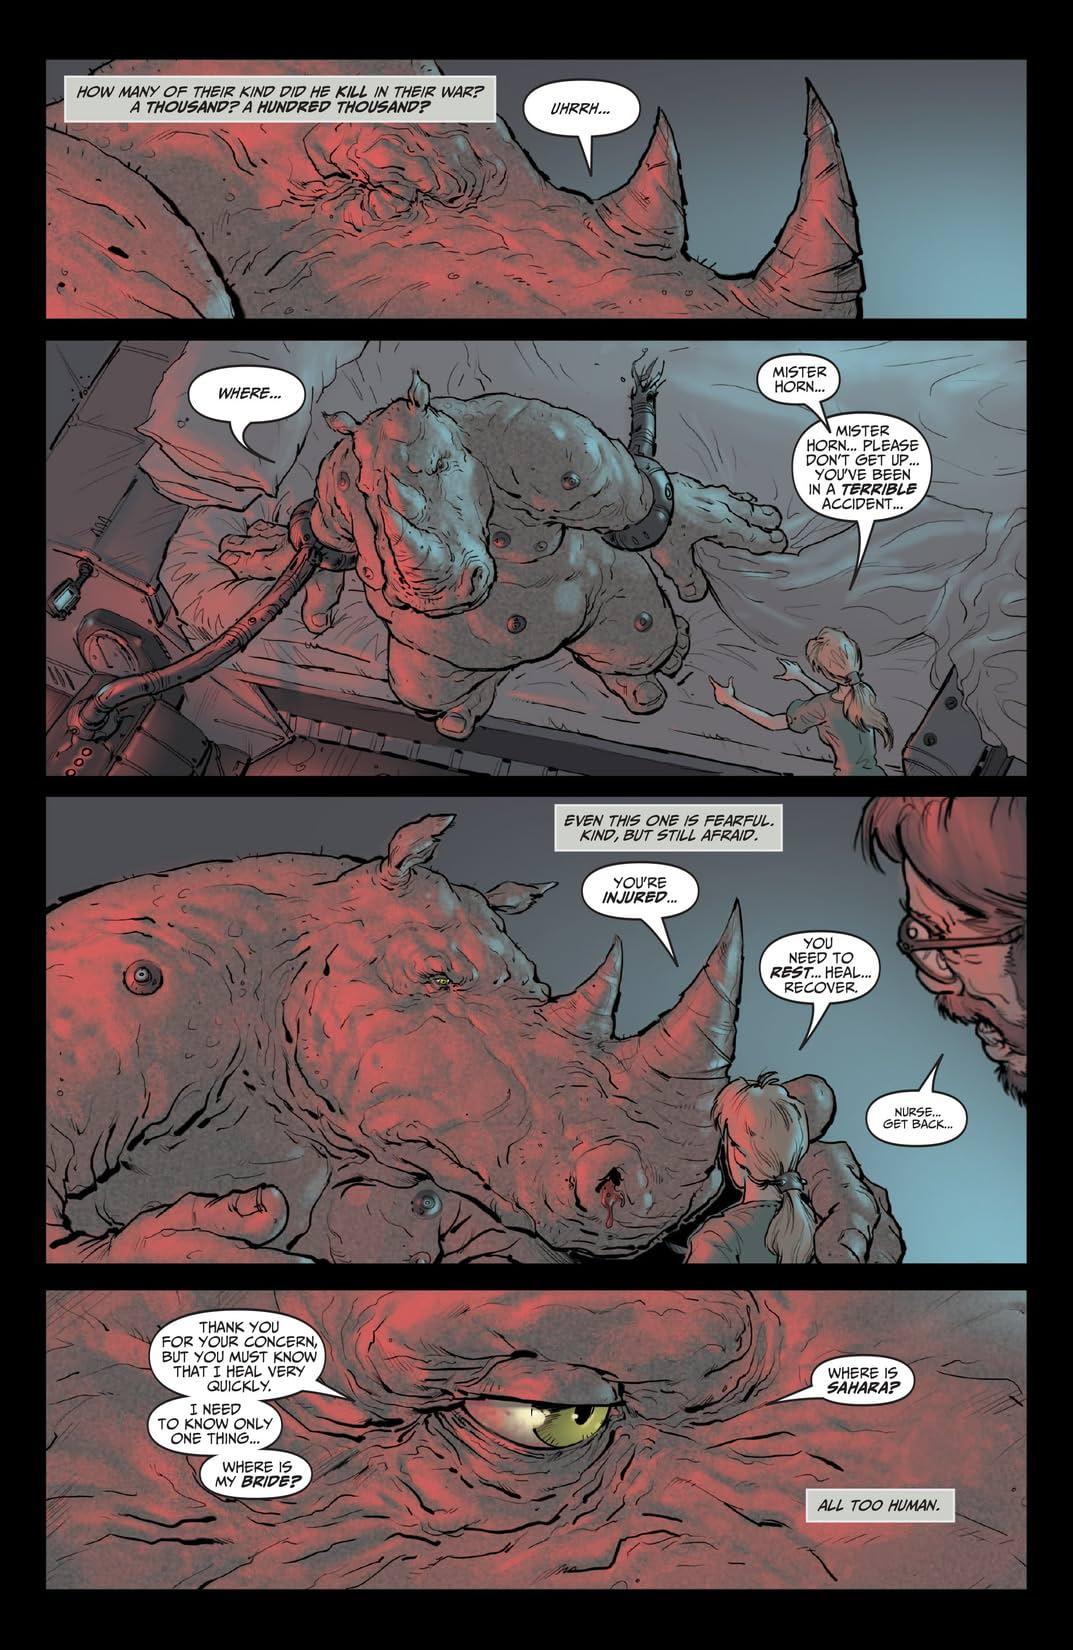 Elephantmen #15